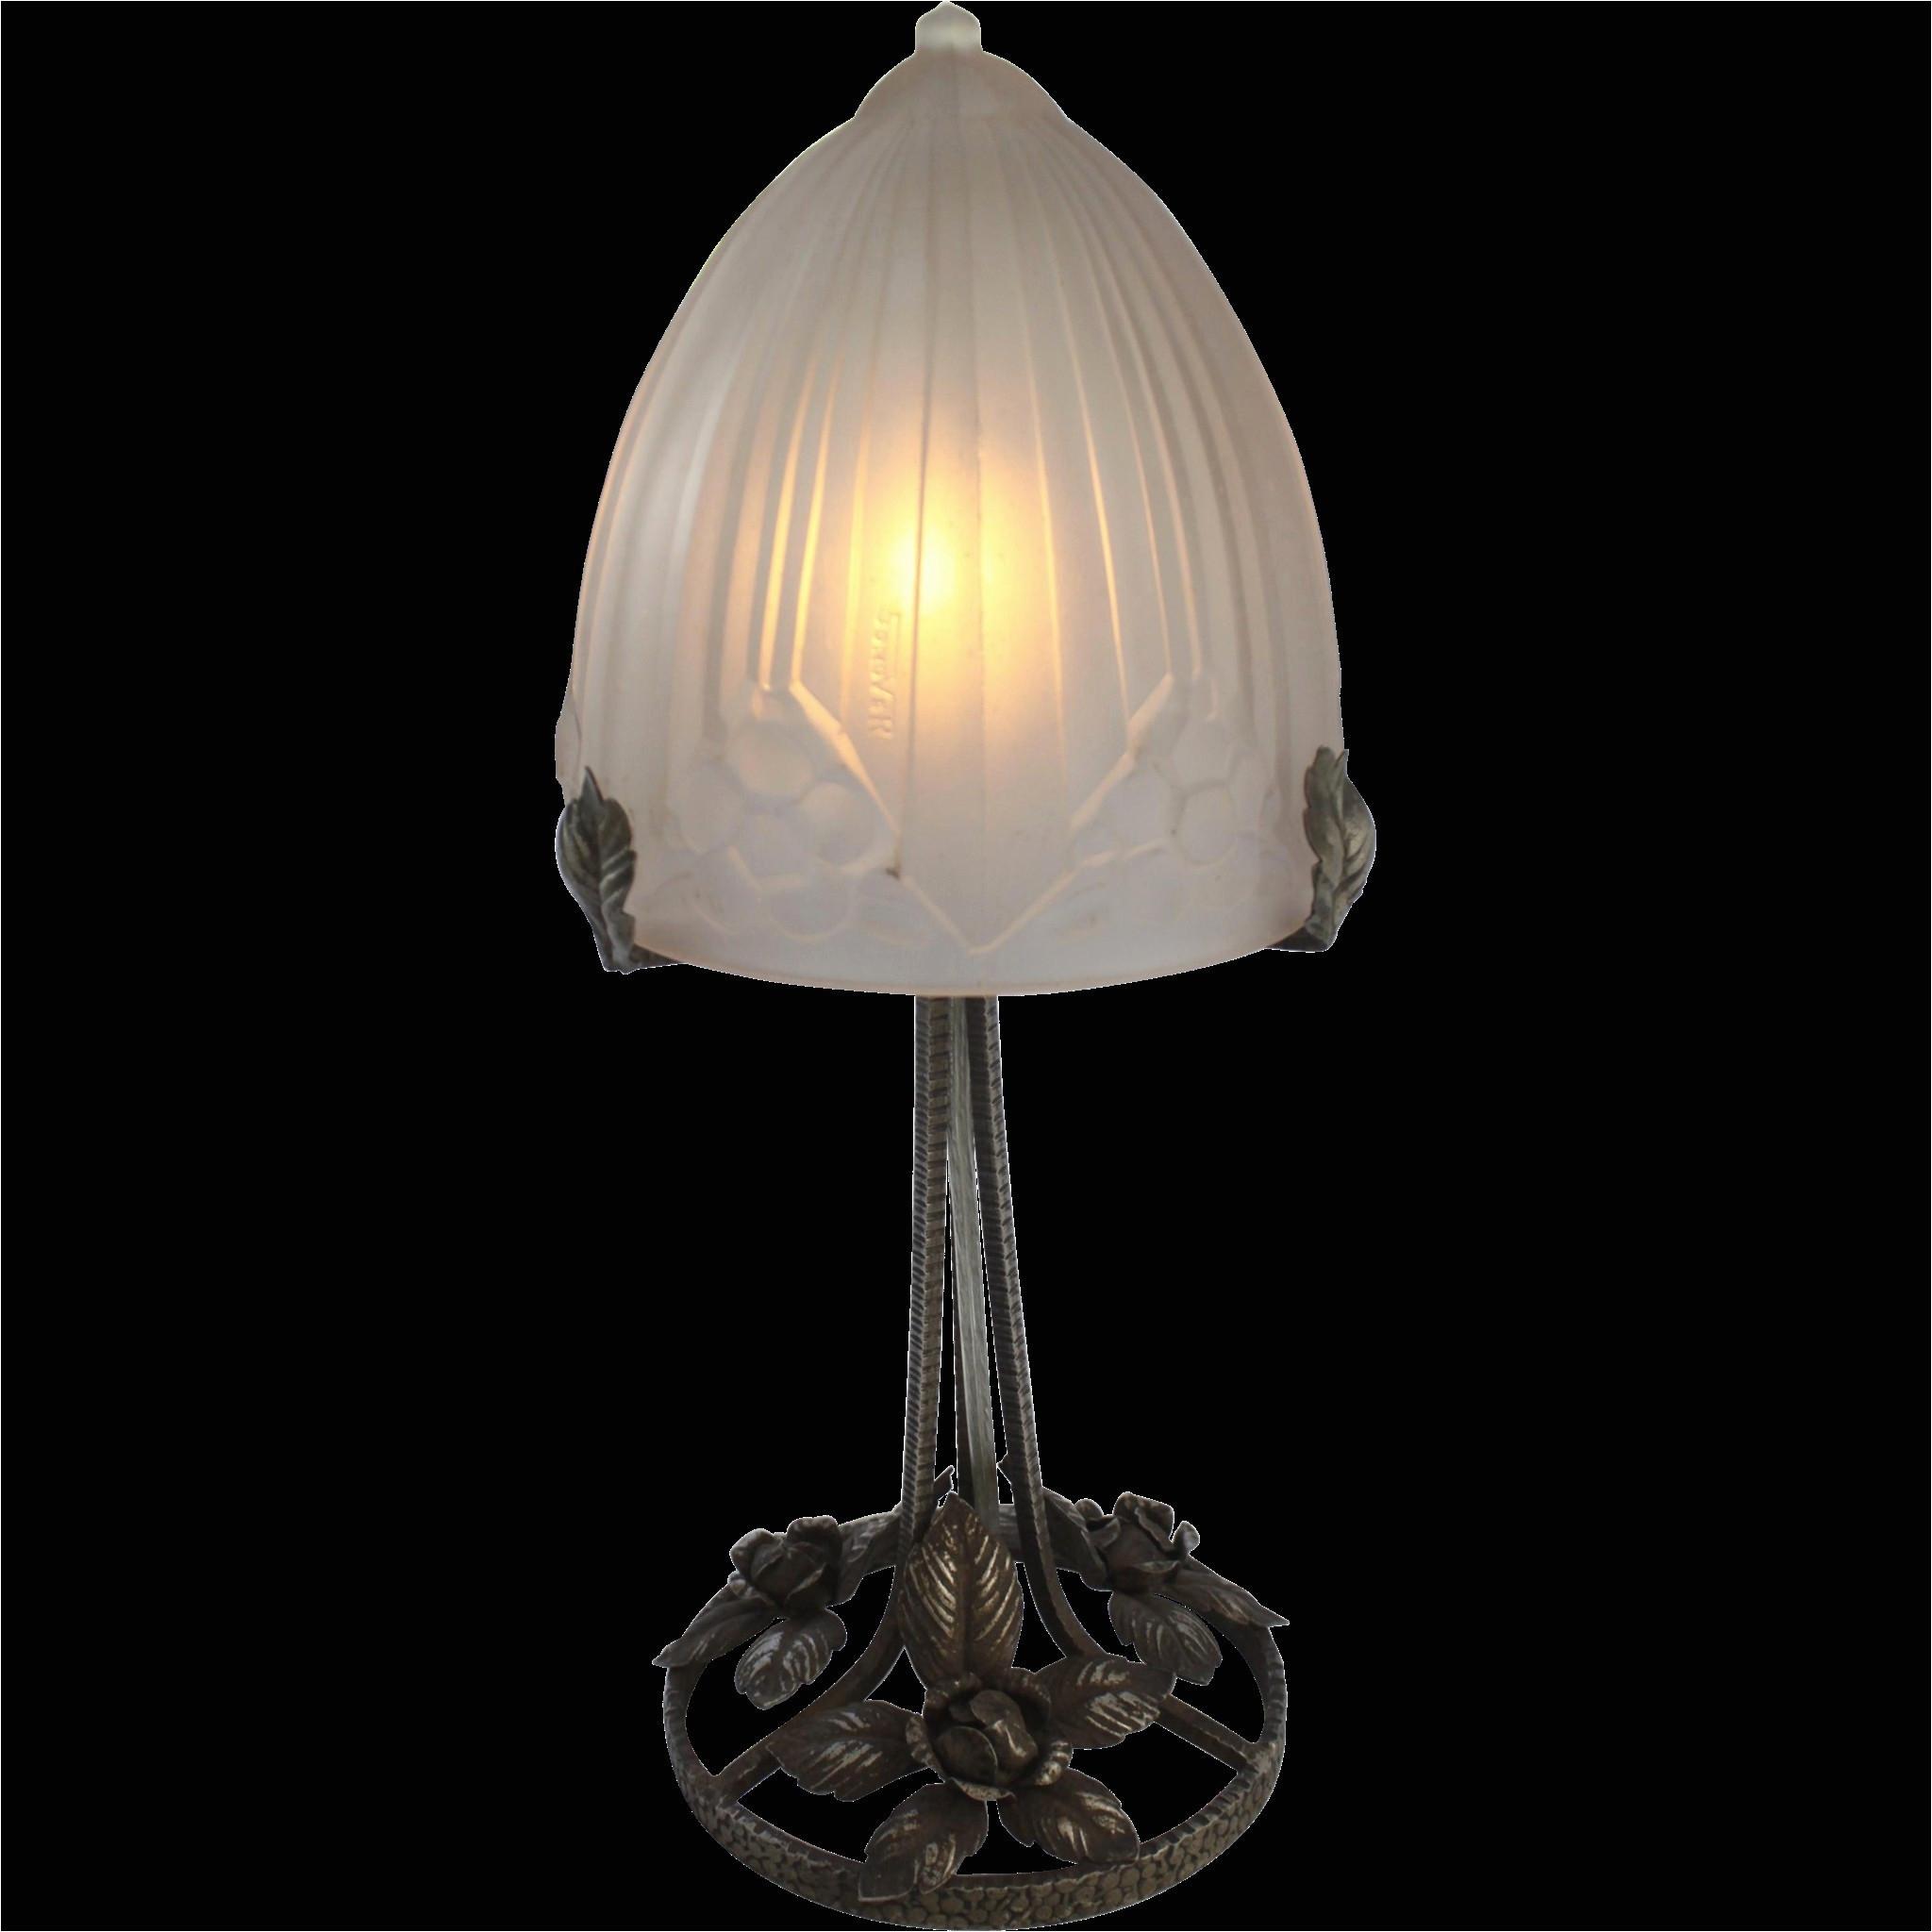 led lights for home interior new lamps lamp art lamp art 0d lampss design